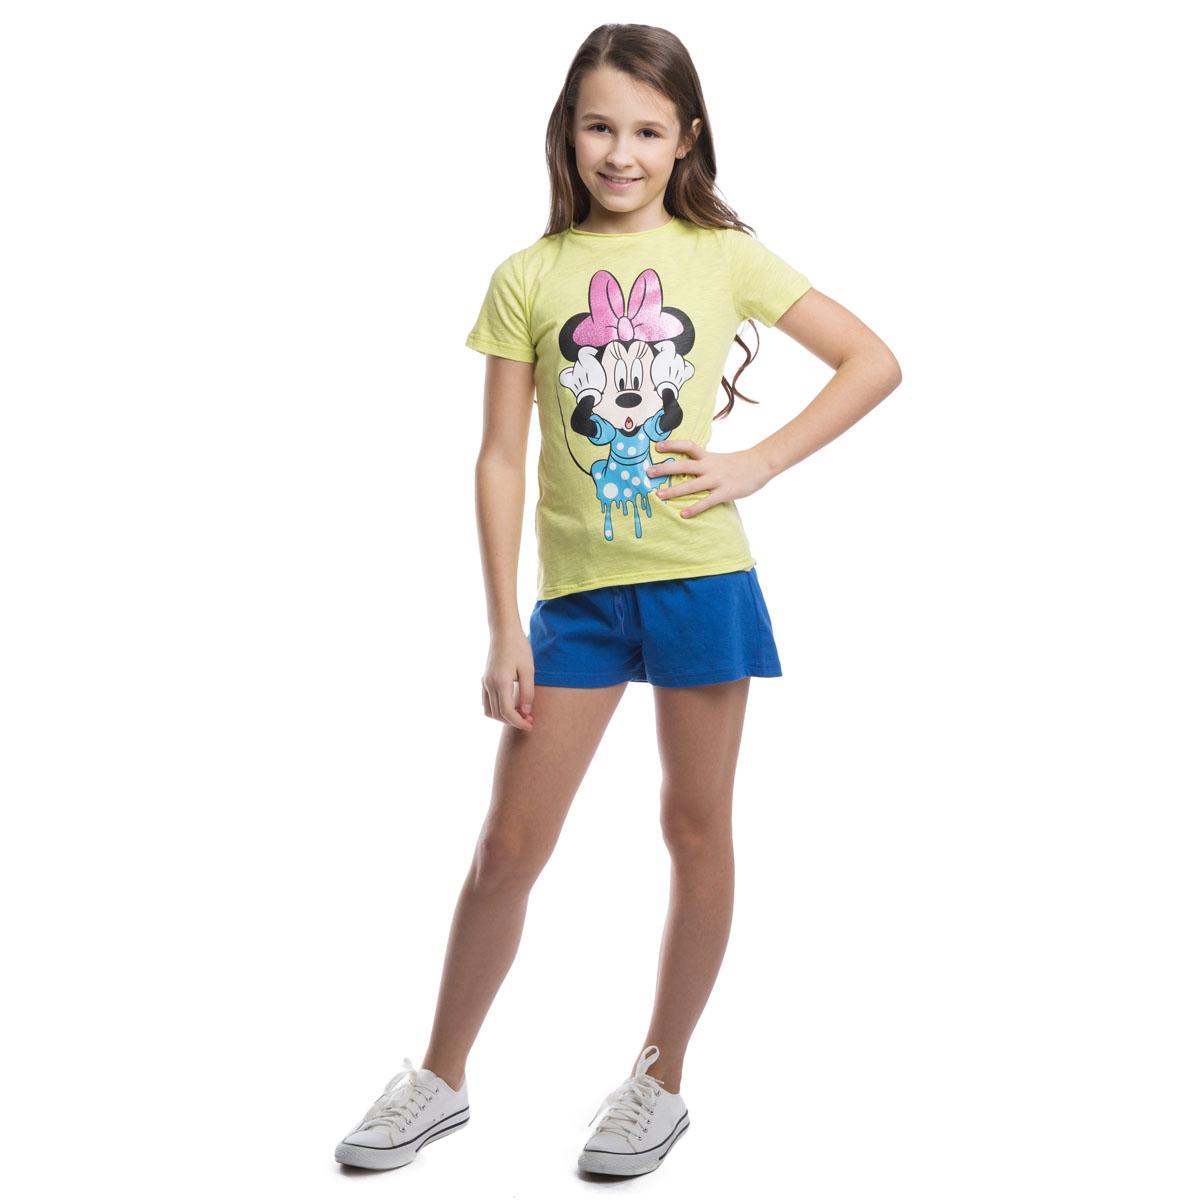 Футболка для девочек. 964001964001Легкая хлопковая футболка лимонно-лаймового цвета. Украшена принтом с Минни-маус. Глиттерный бантик будет сверкать и переливаться на солнце.